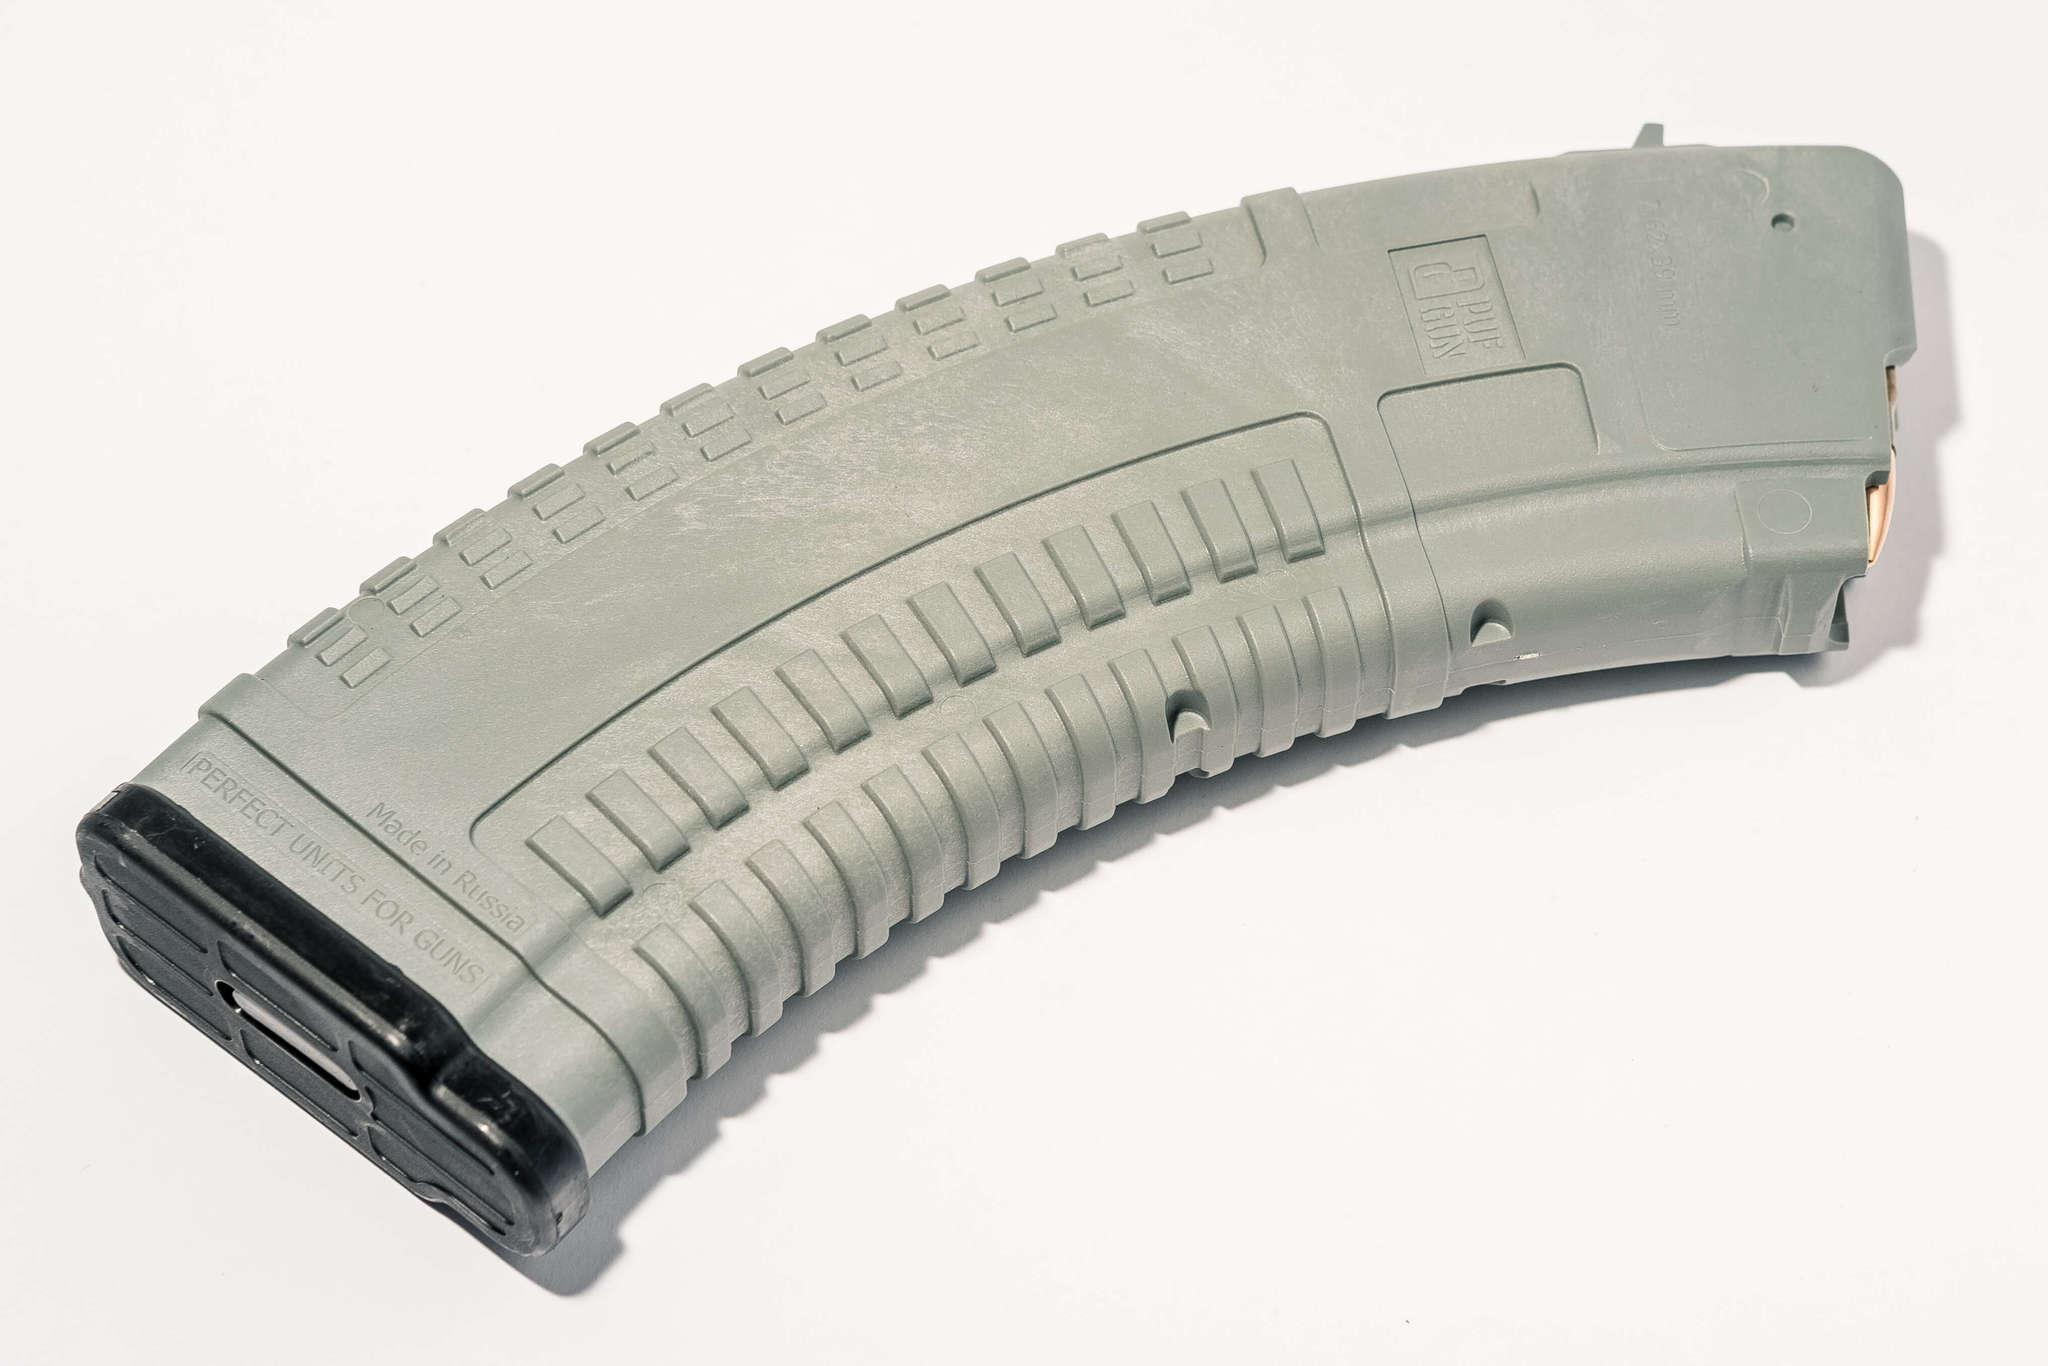 Магазин Pufgun для АКМ (7.62x39) ВПО-136 ВПО-209 на 30 патронов, серый